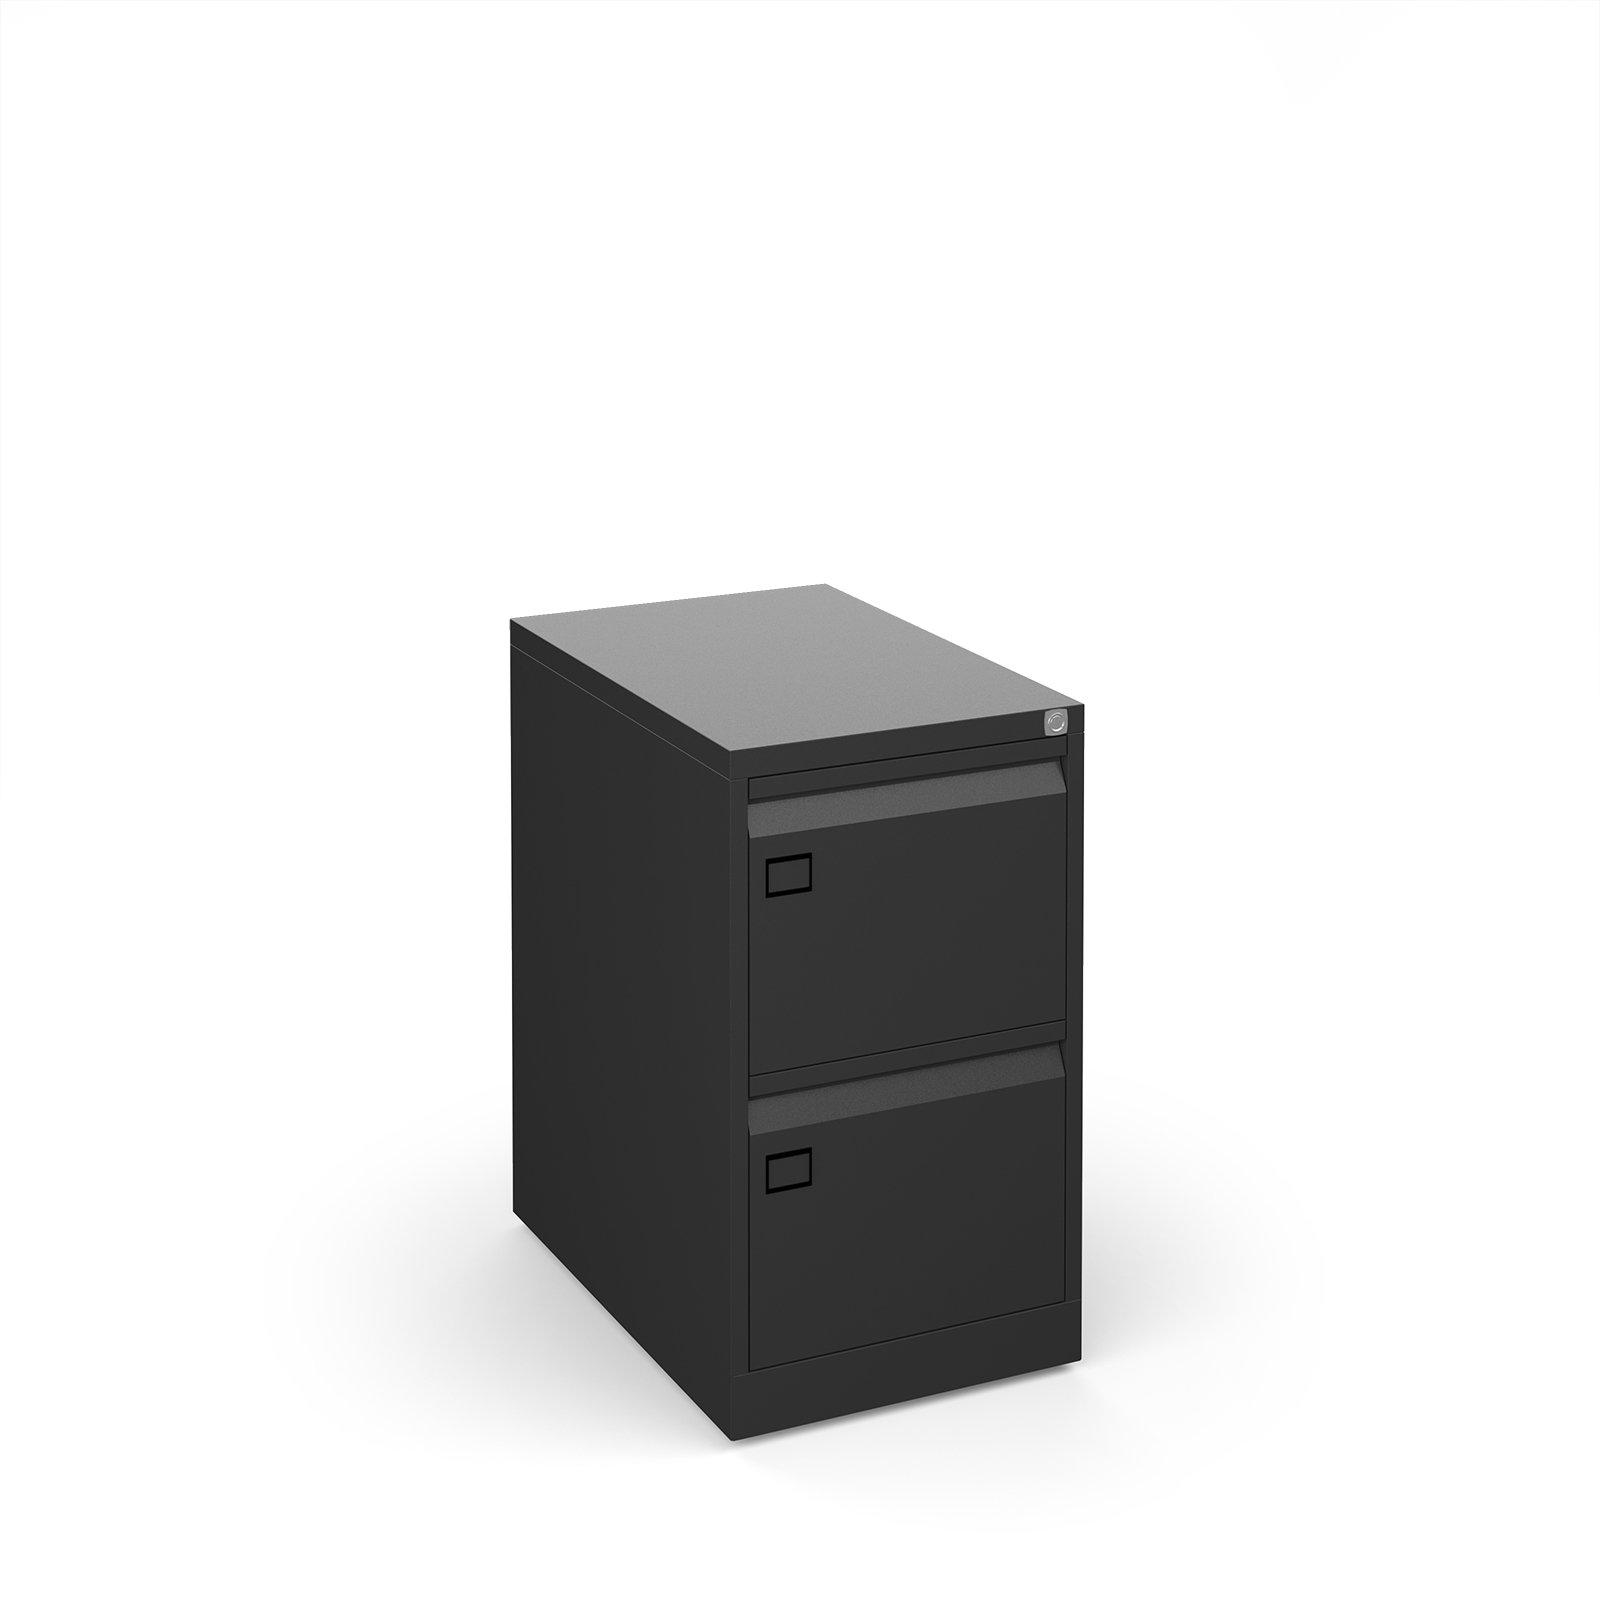 Steel 2 drawer filing cabinet 711mm high - black